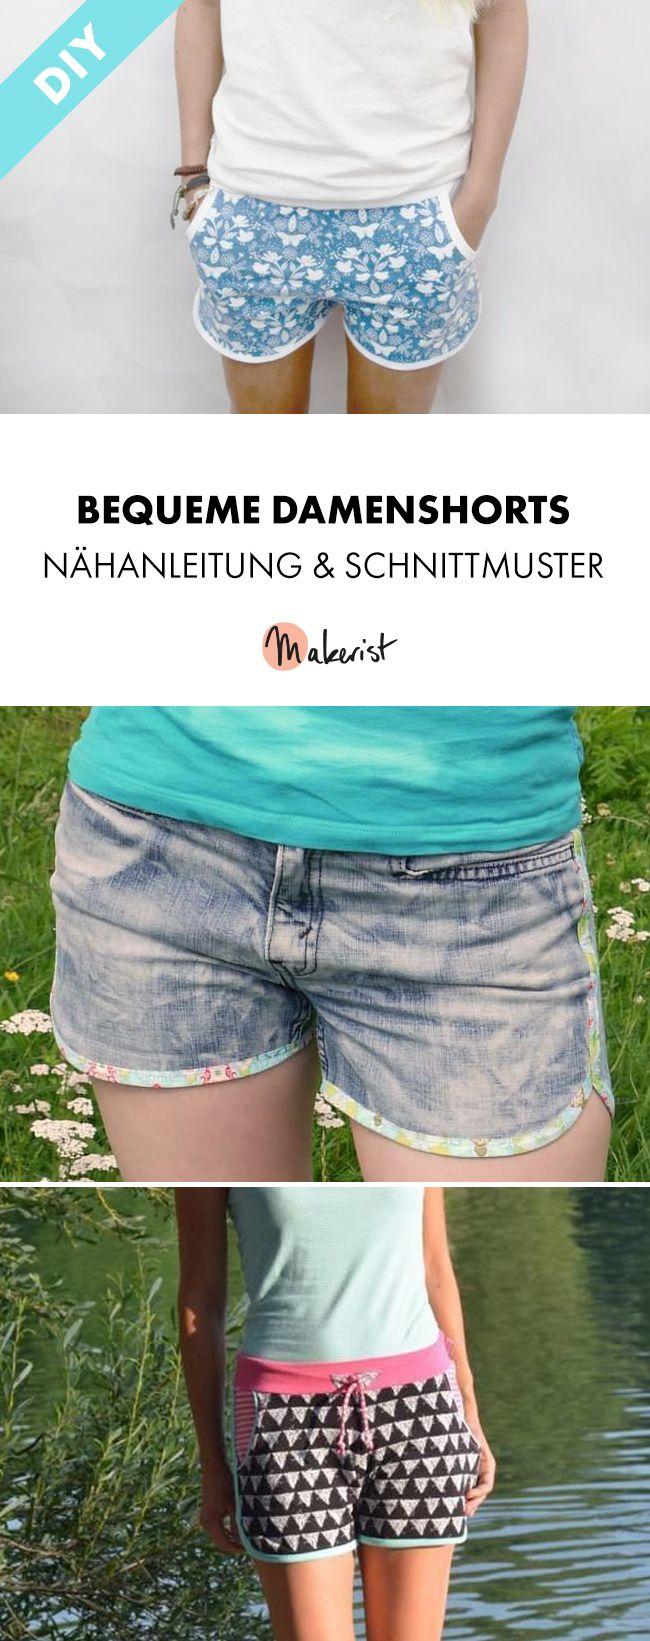 Bequeme Sommershorts für Damen - Nähanleitung und Schnittmuster via Makerist.de